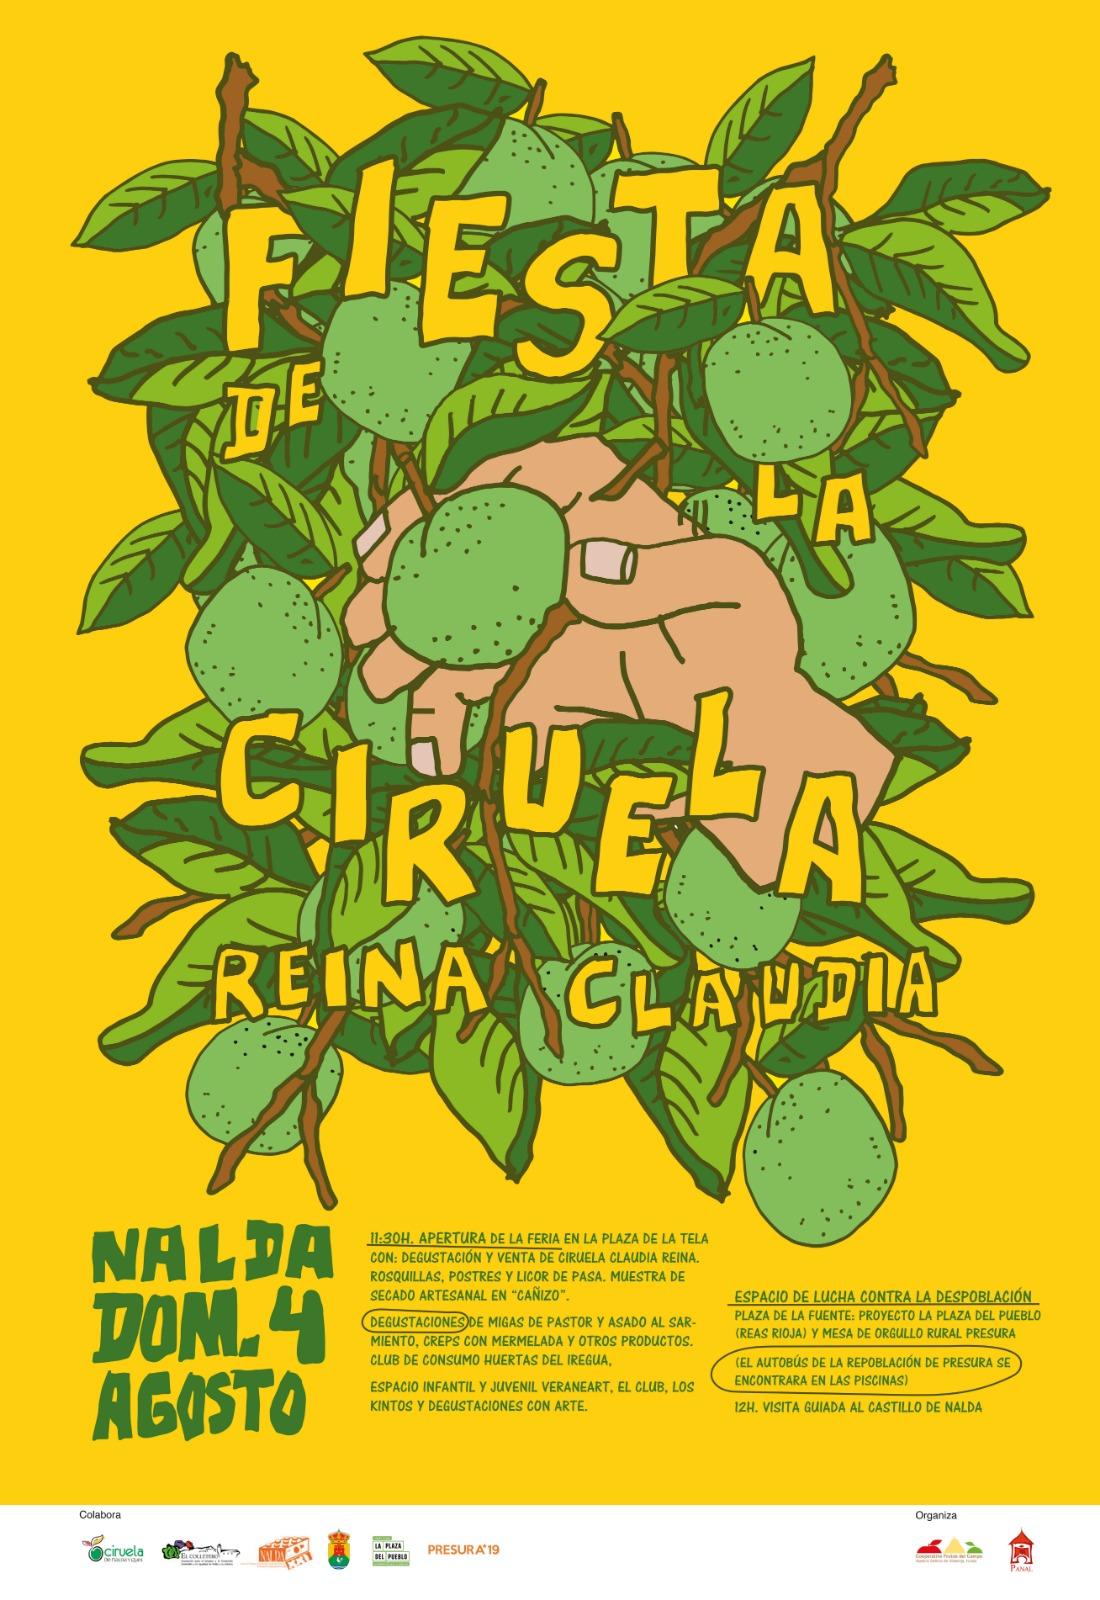 Cartel de la fiesta de la Ciruela Claudia de Nalda.